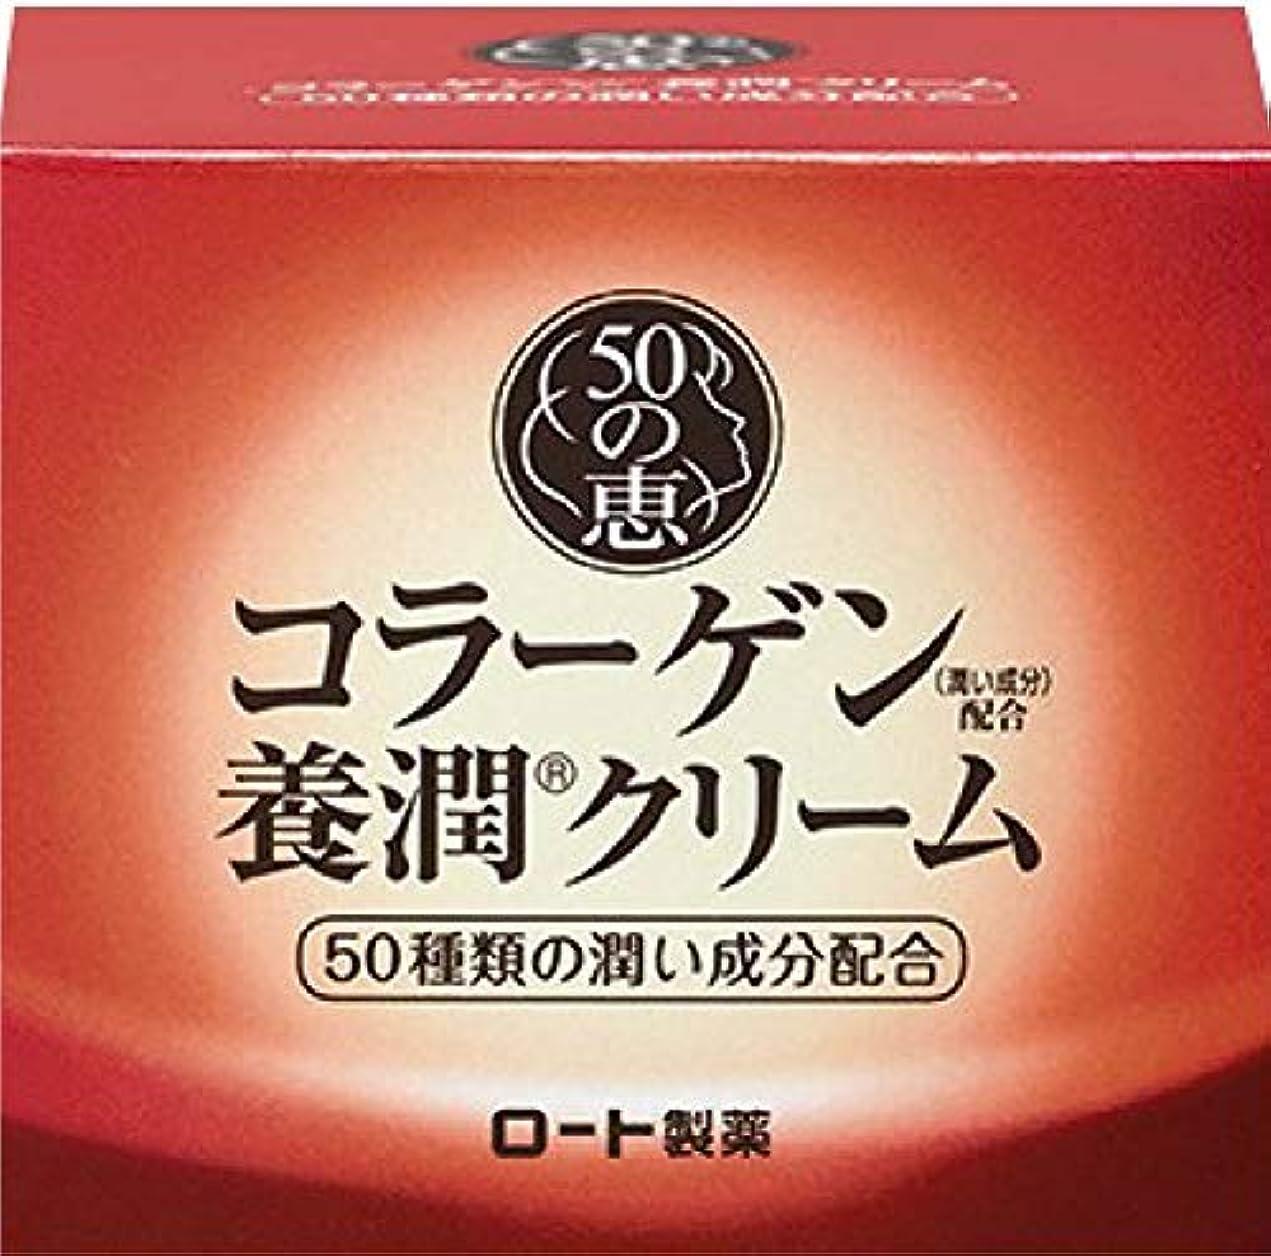 無法者基準定数ロート製薬 50の恵エイジングケア 養潤成分50種類配合 クリーム 90g